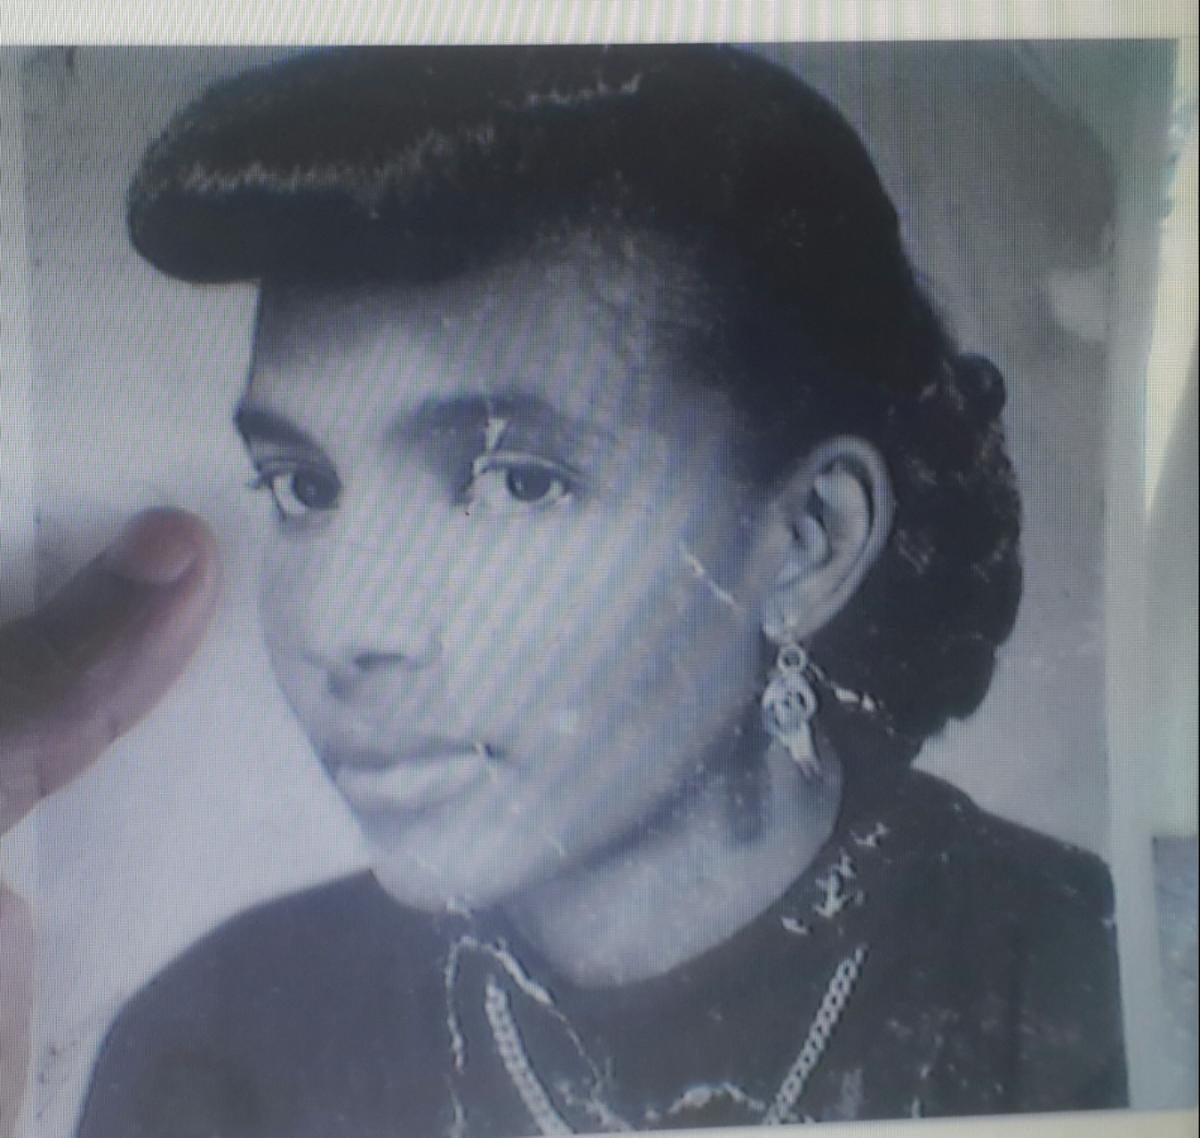 Granny back in the 1950's